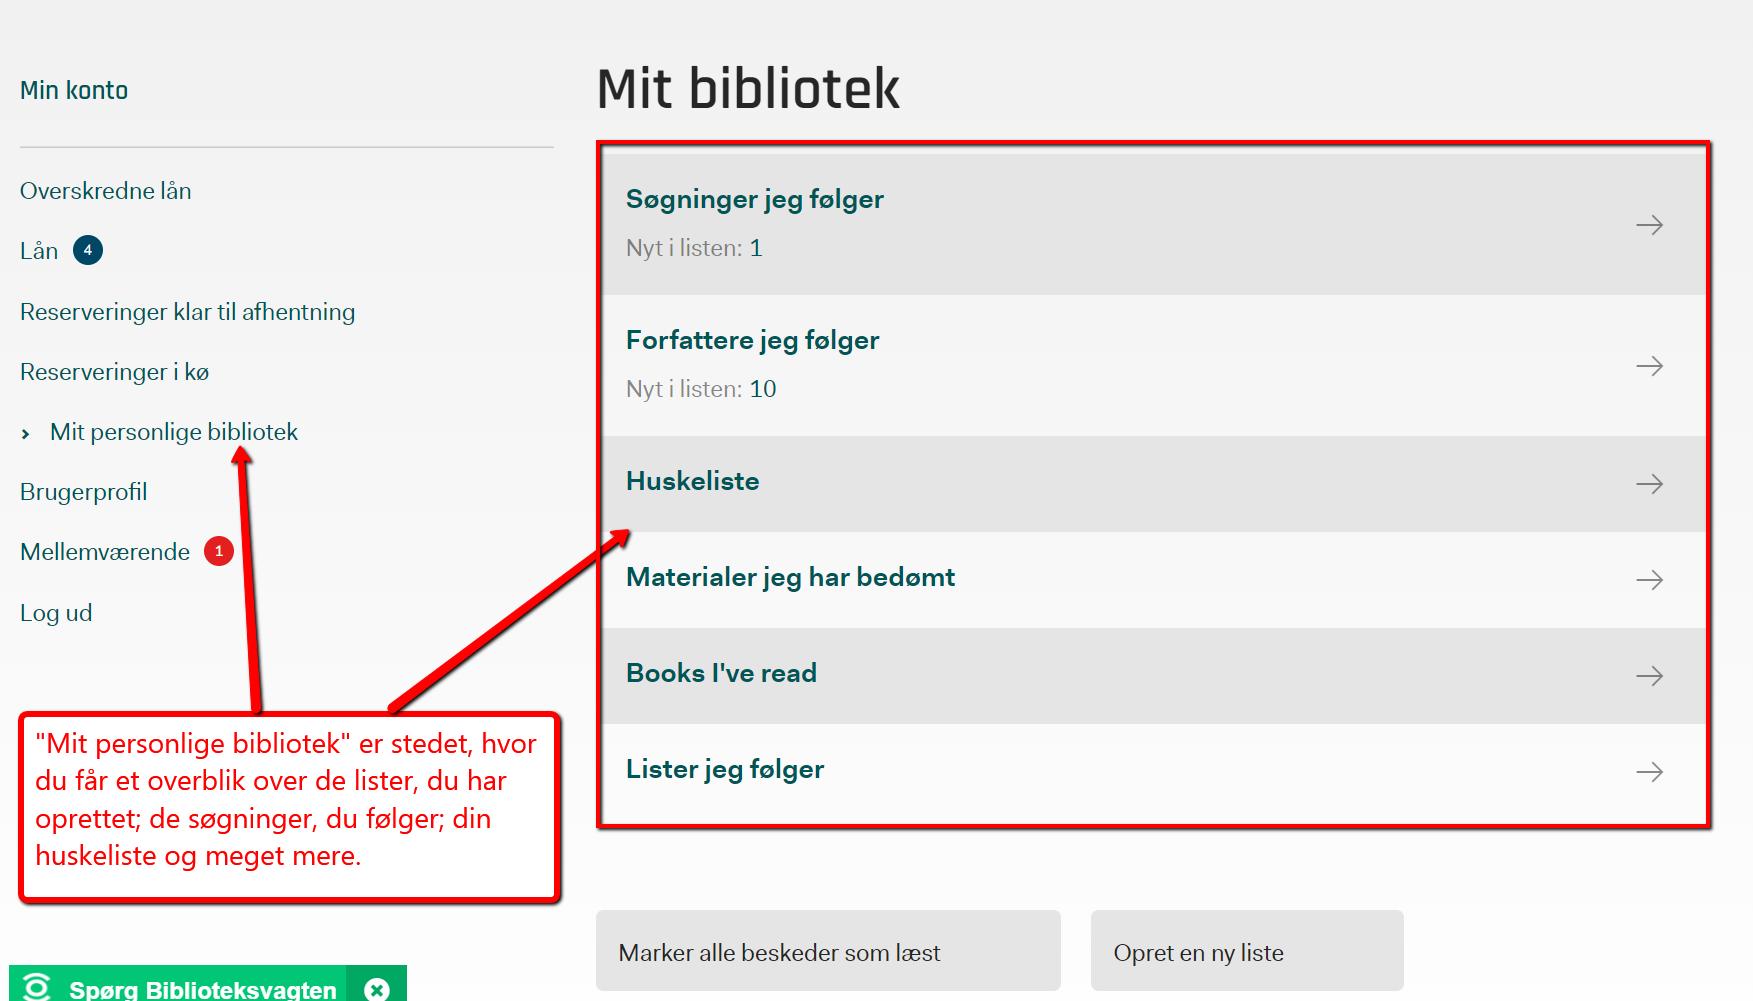 Forsiden af 'Mit personlige bibliotek', hvor du kan oprette, tjekke og dele lister mv.